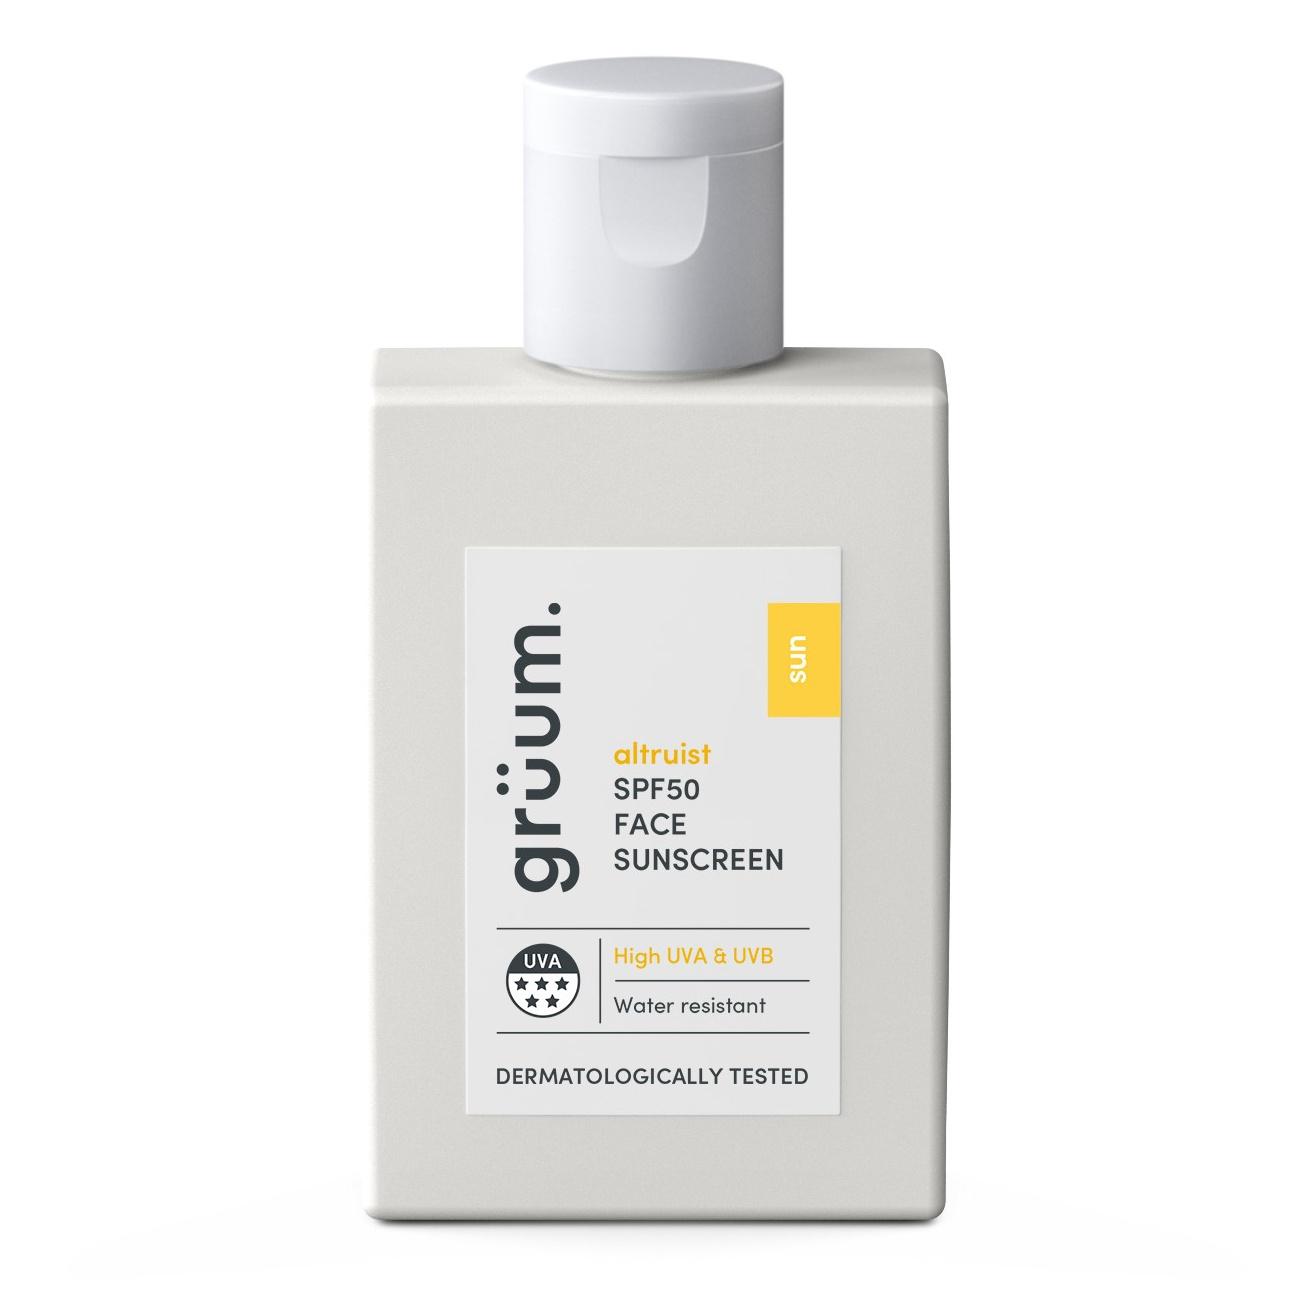 Grüum Spf 50 5* Uva Face Sunscreen